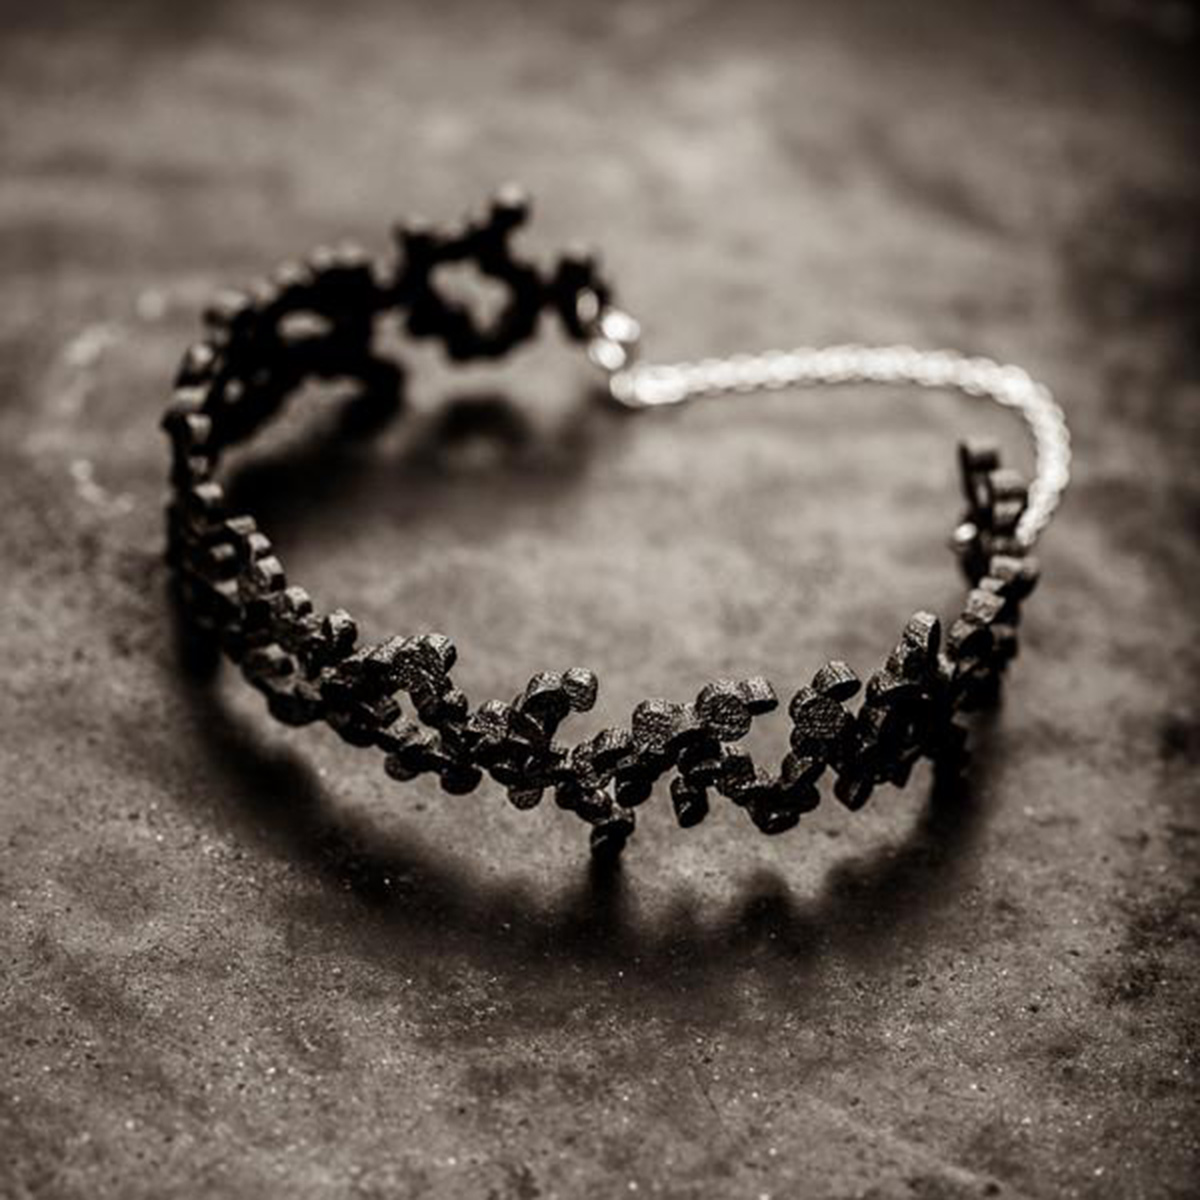 tubii_bracelet_MG_1231_2048x2048